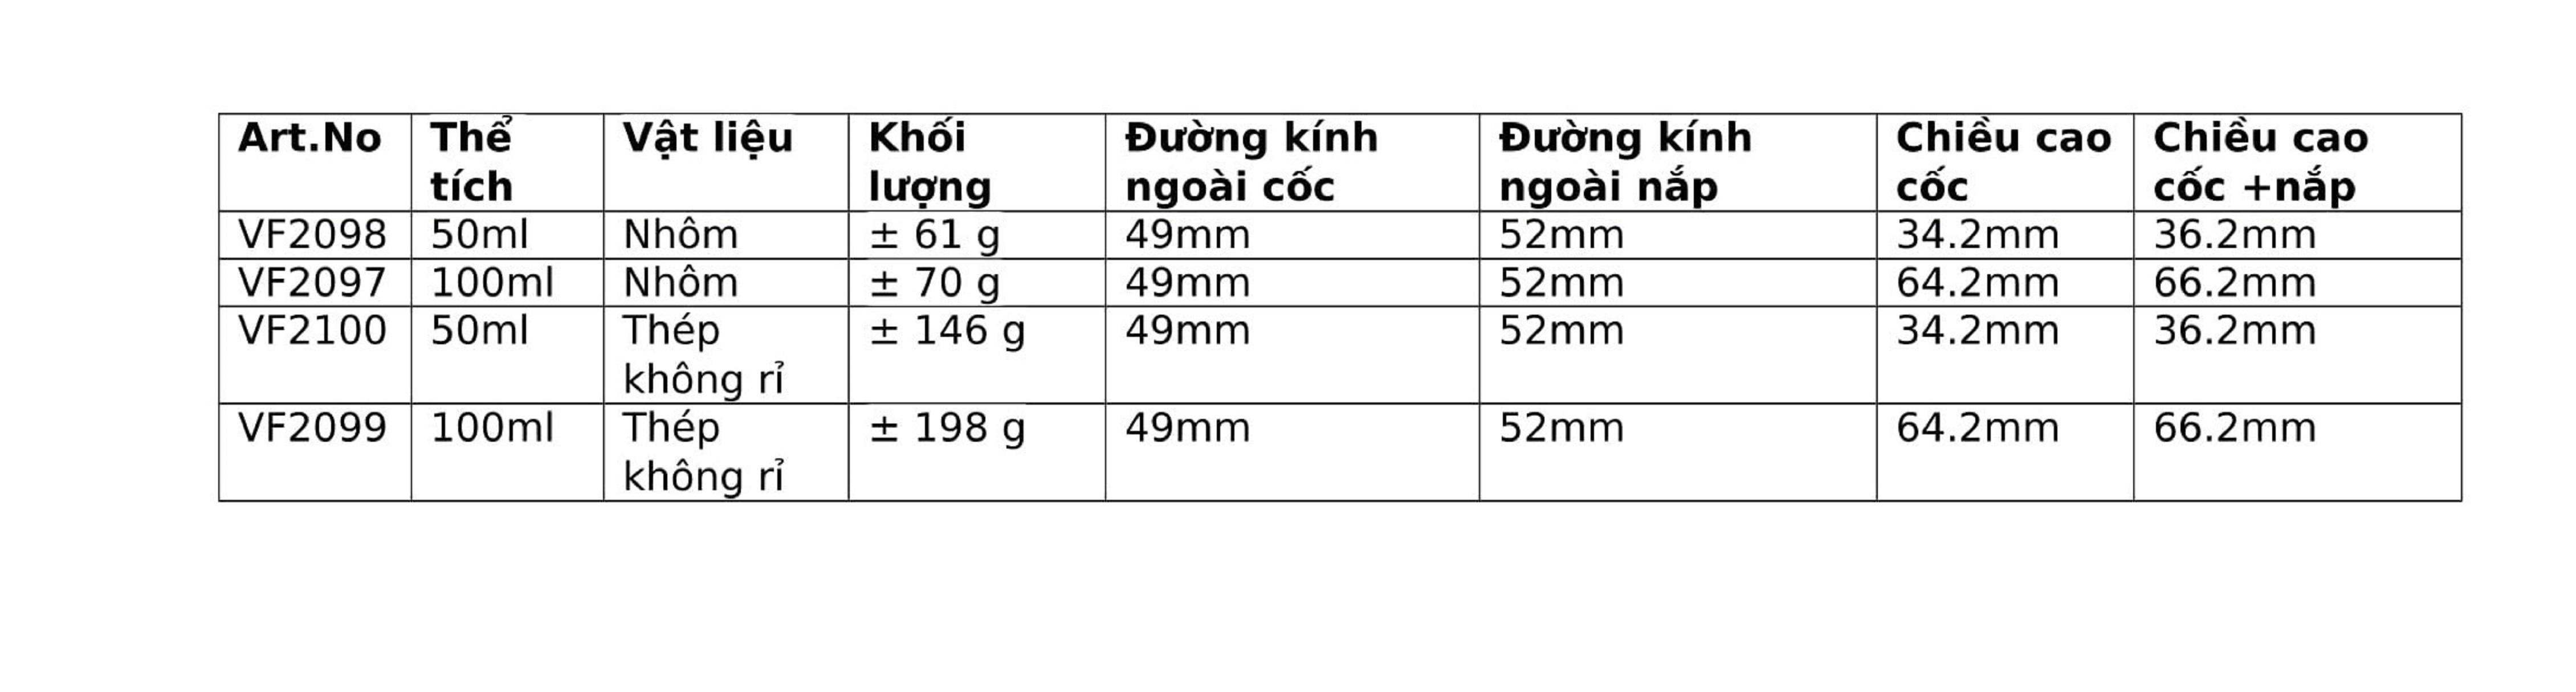 Cốc đo tỷ trọng của sơn- thông số kỹ thuật